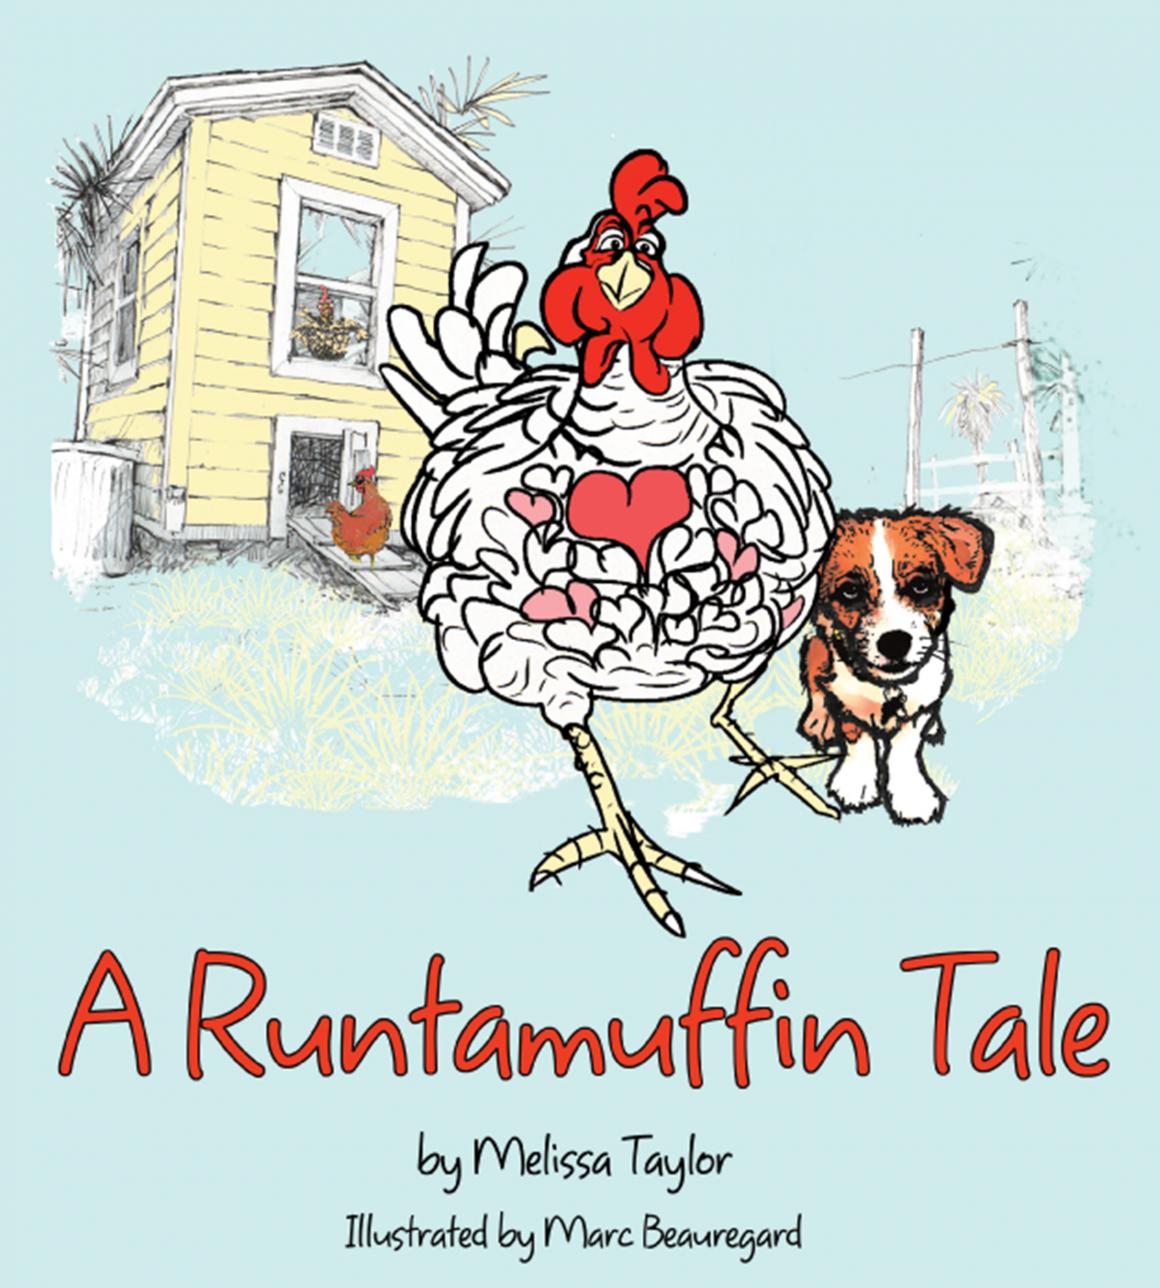 A Runtamuffin Tale Book Review